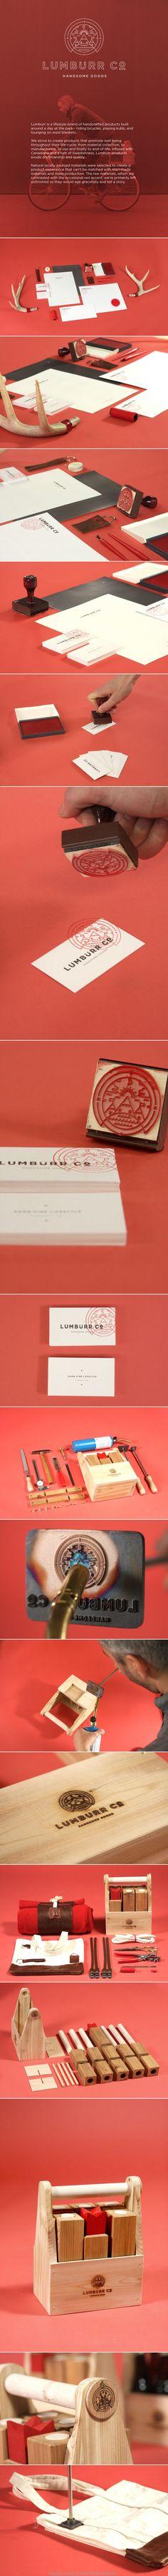 Lumburr Co. #imagen #corporativa muy sencilla, #diseño personalizado de forma manual con sellos y herramientas